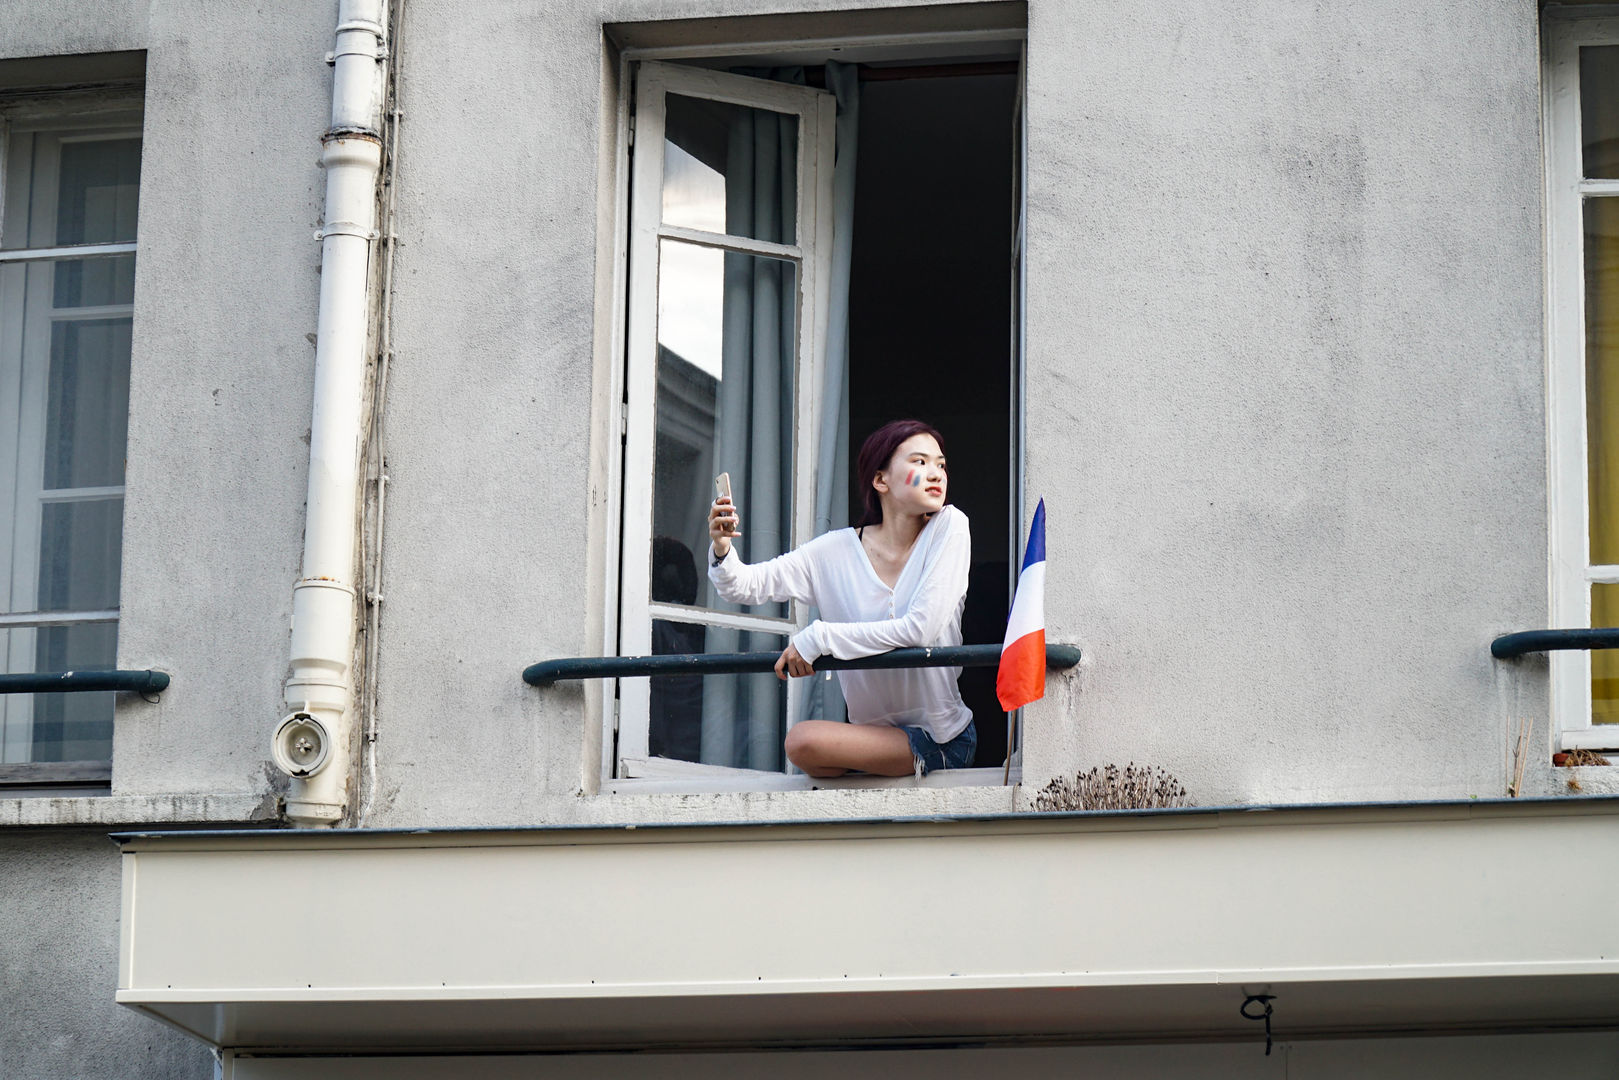 Coupe du monde - Paris